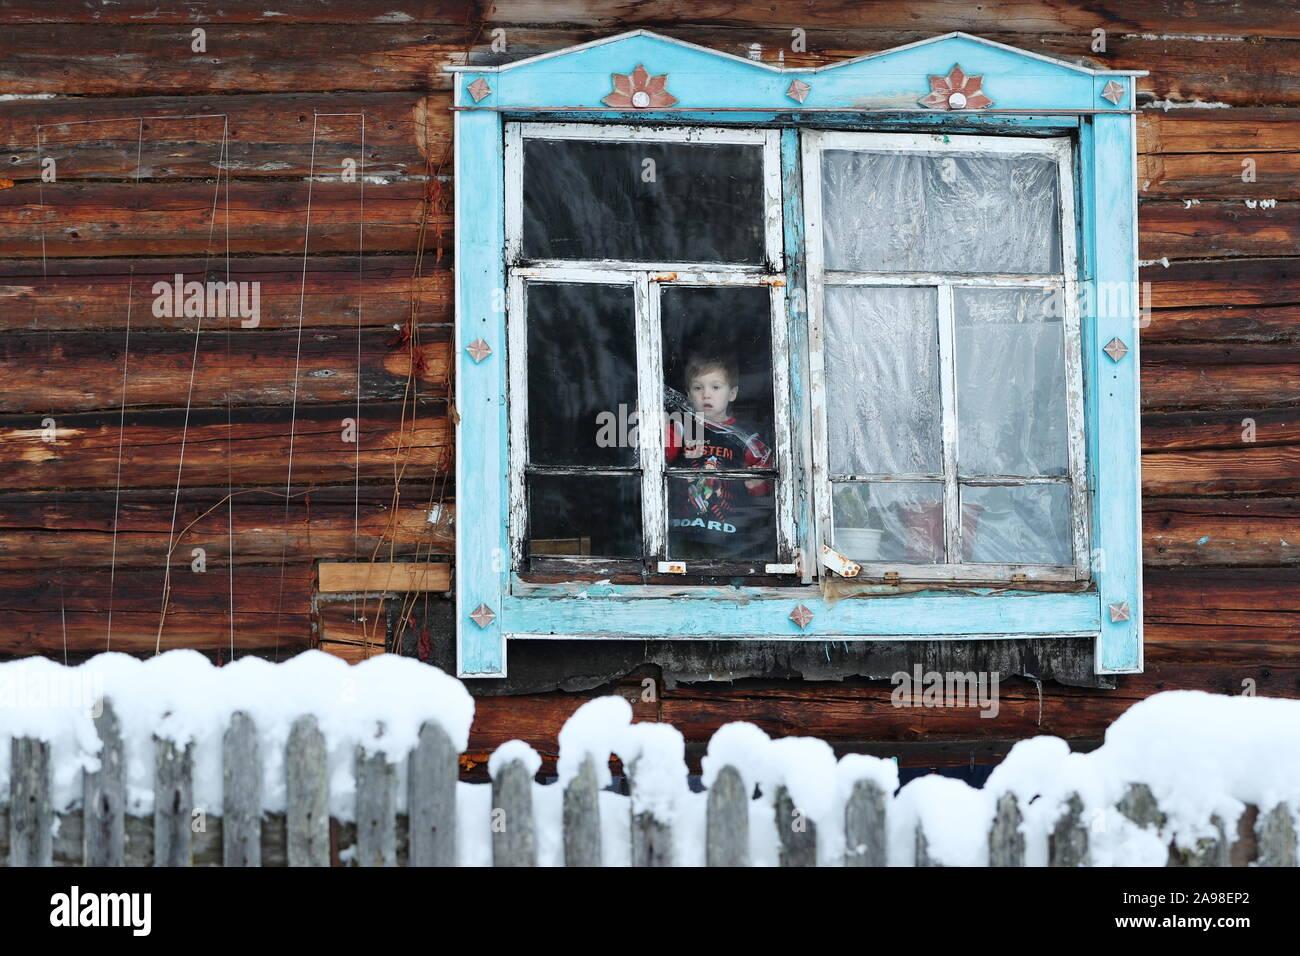 La Russie. 08Th Nov, 2019. La région de Kemerovo, Russie - 4 novembre, 2019: un garçon à la recherche d'une fenêtre d'une maison en bois dans le village reculé de Kilinsk. Selon le recensement de 2010, 200 personnes vivent dans le village, la plupart d'entre eux priestless des vieux croyants. Alexander Ryumin/crédit: TASS ITAR-TASS News Agency/Alamy Live News Banque D'Images